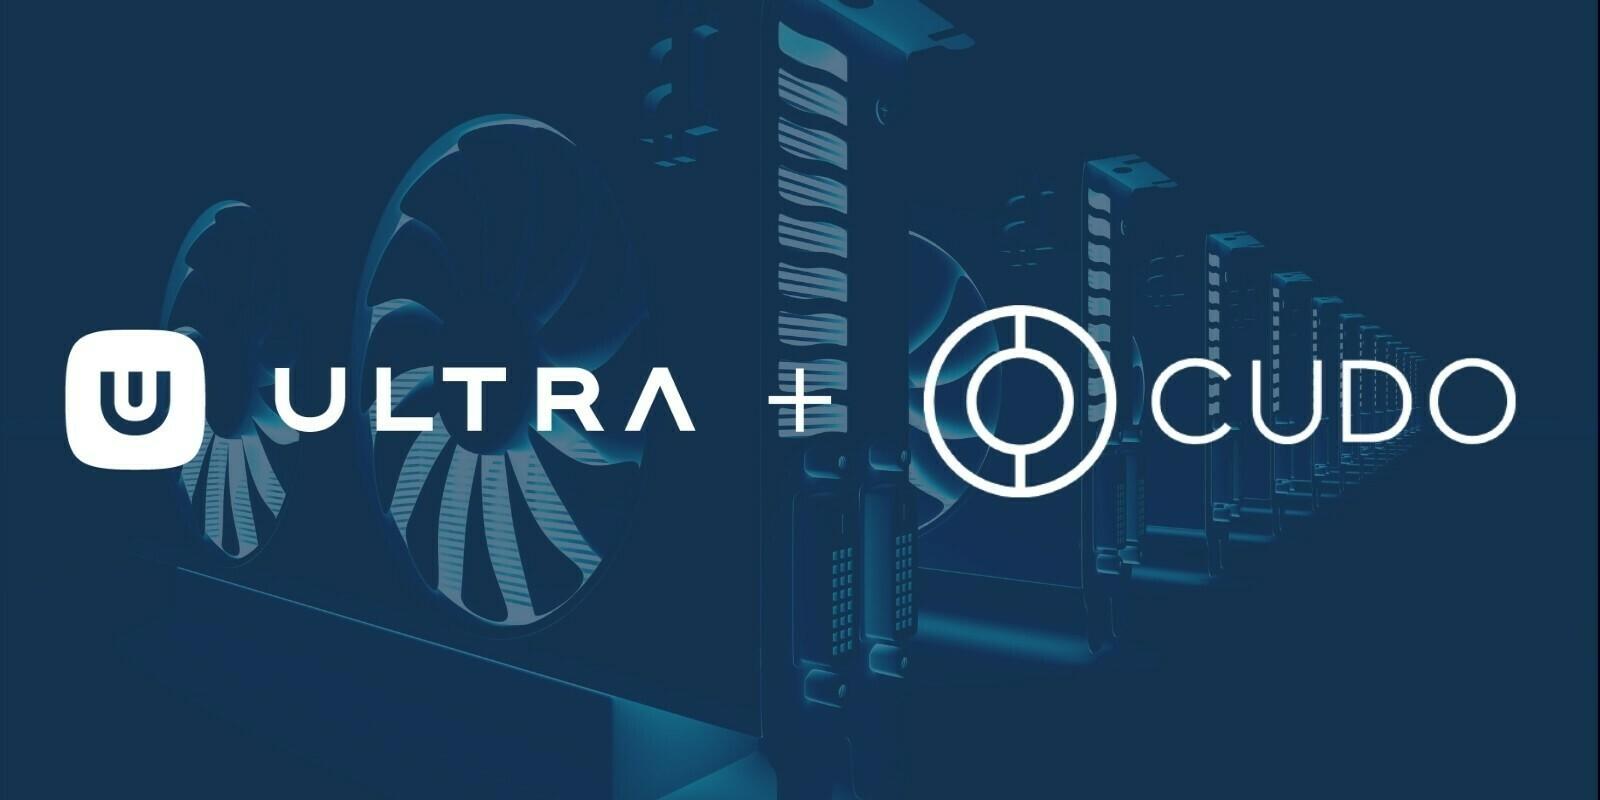 Ultra intègre la technologie Cudo pour son application de mining en un clic